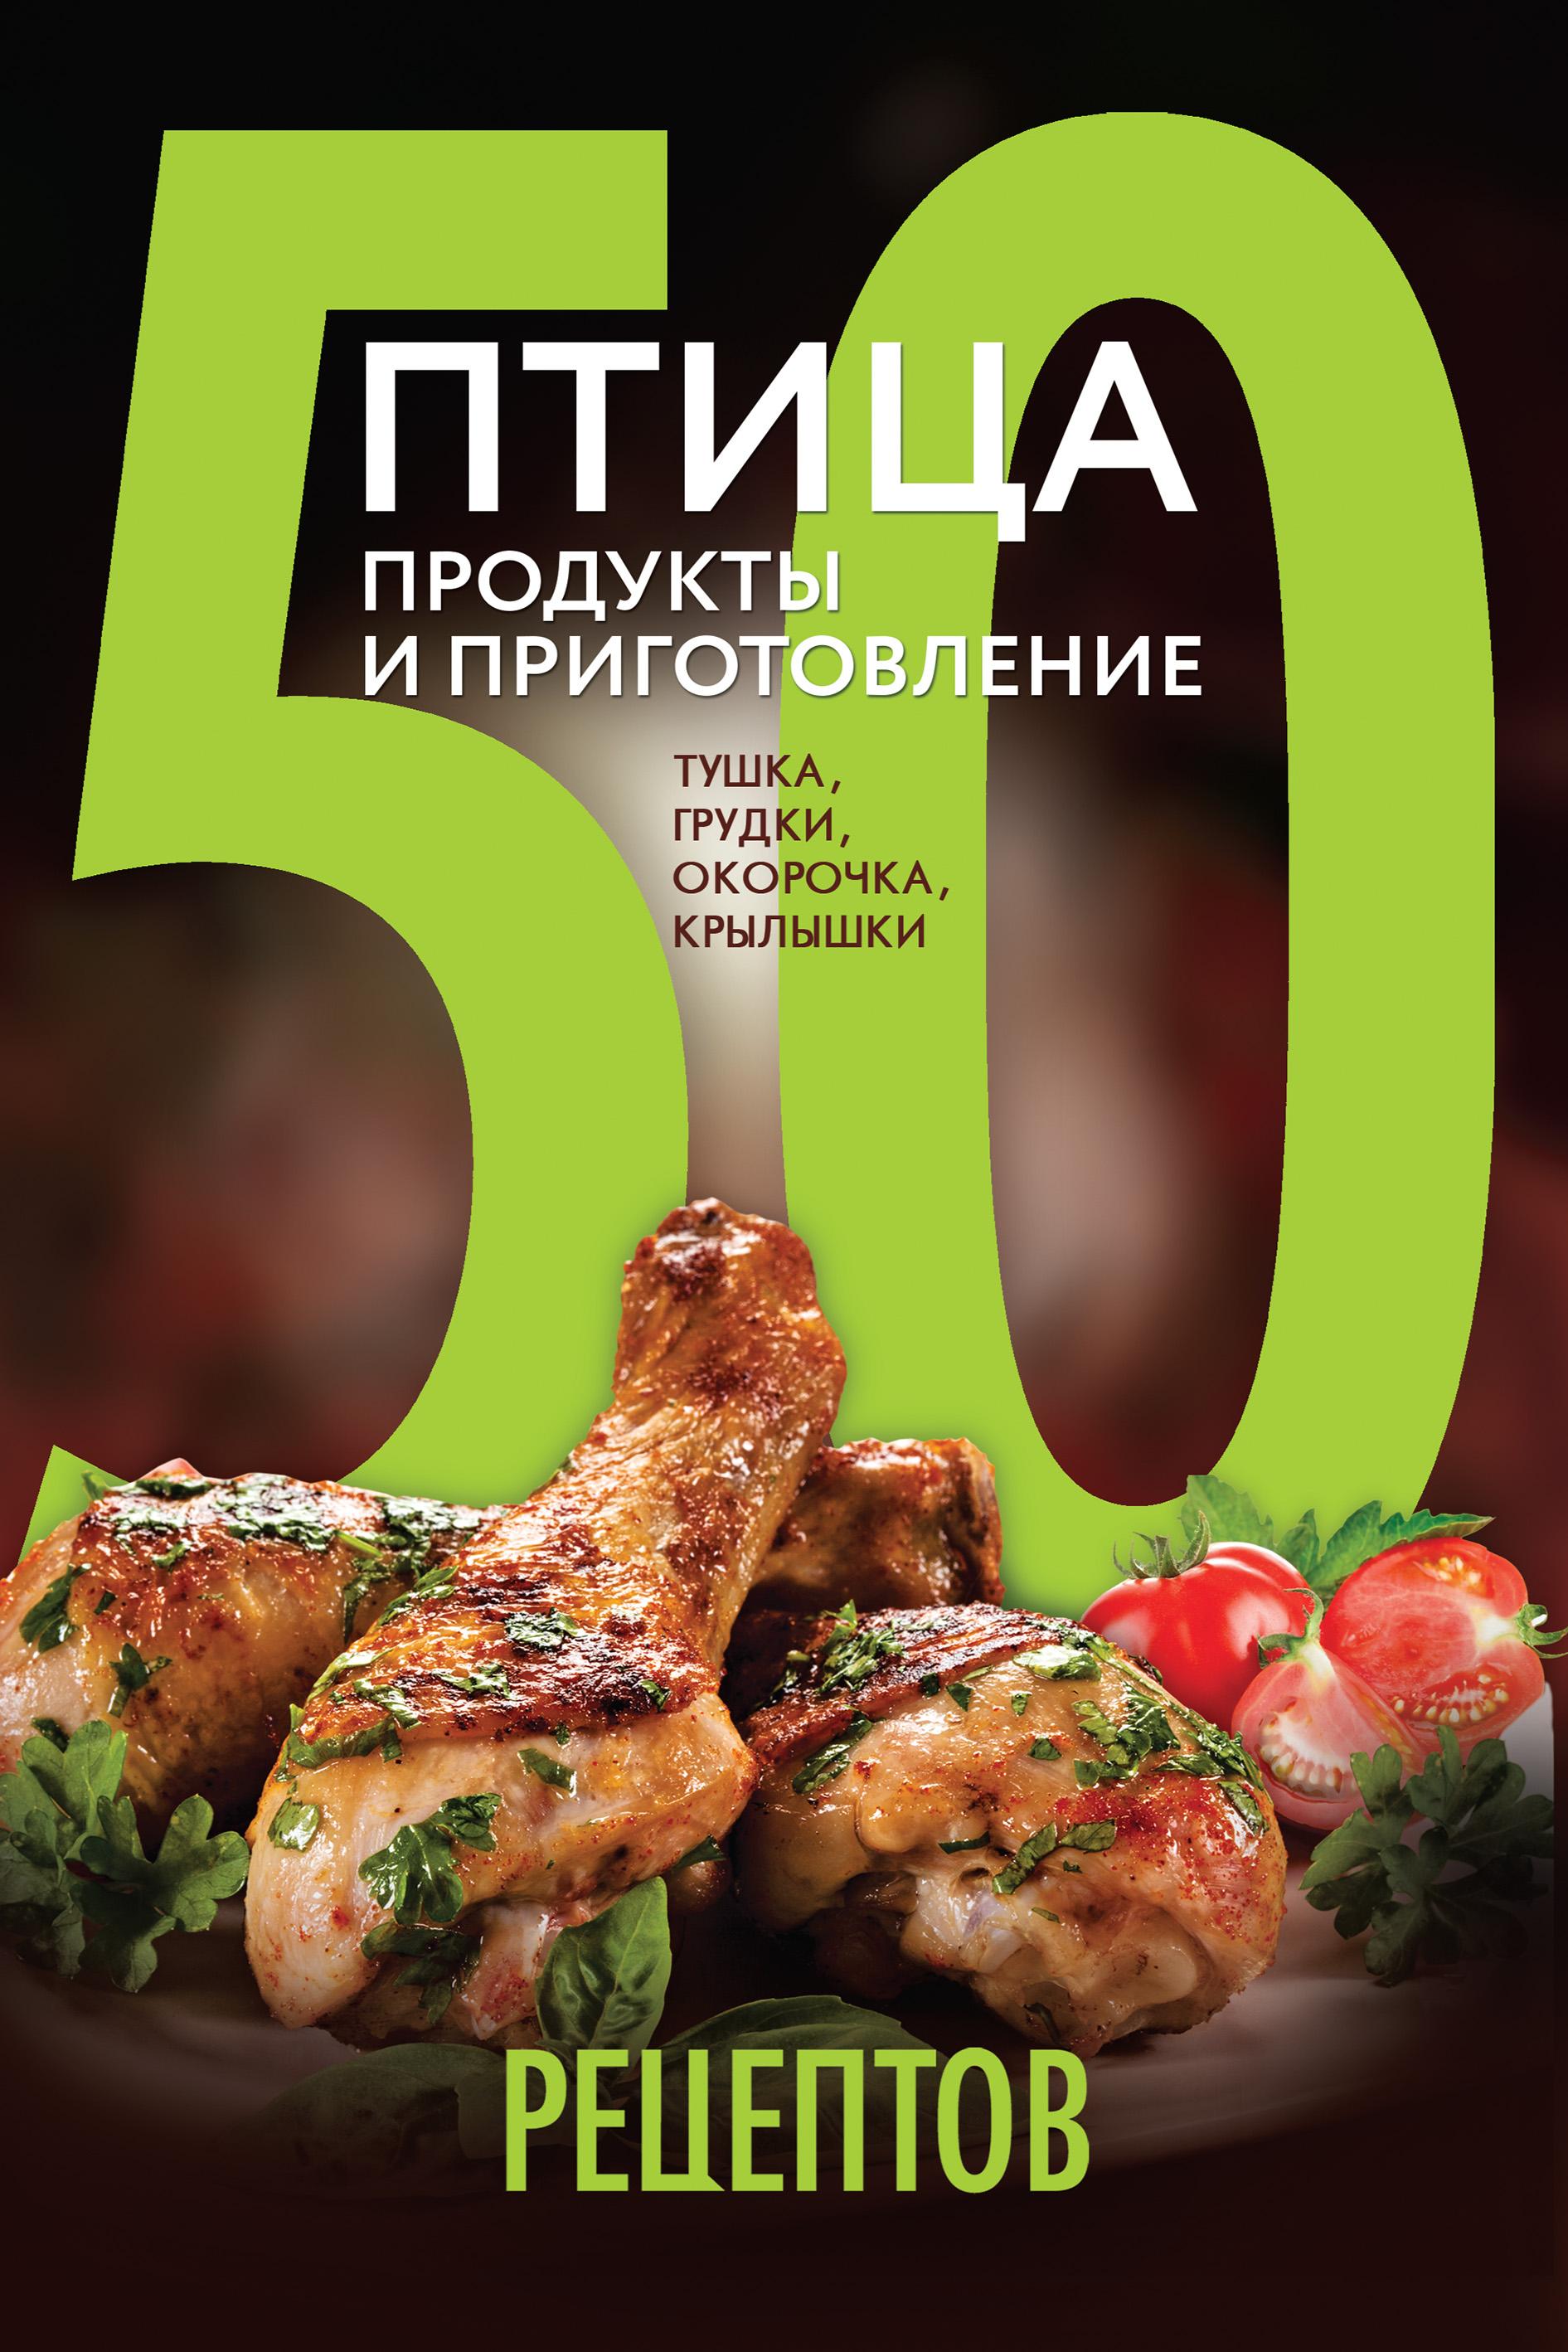 Отсутствует 50 рецептов. Птица. Продукты и приготовление. Тушка, грудки, окорочка, крылышки